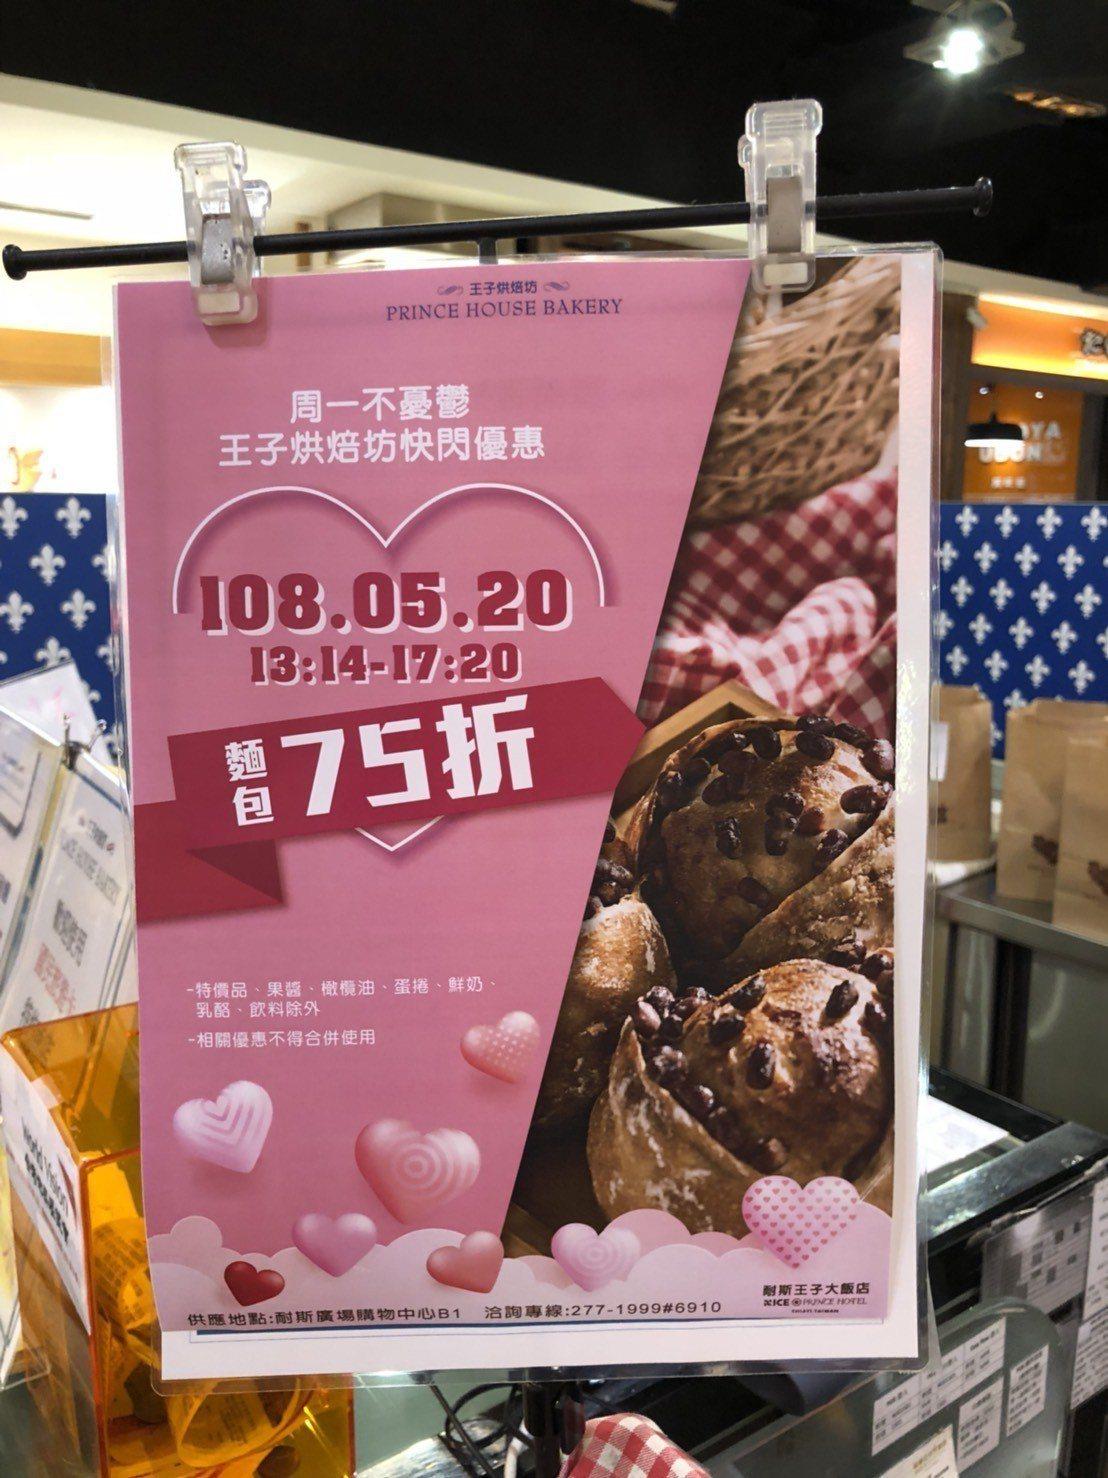 520「我愛你」,嘉義市餐飲業者搭熱潮。圖/耐斯王子飯店提供